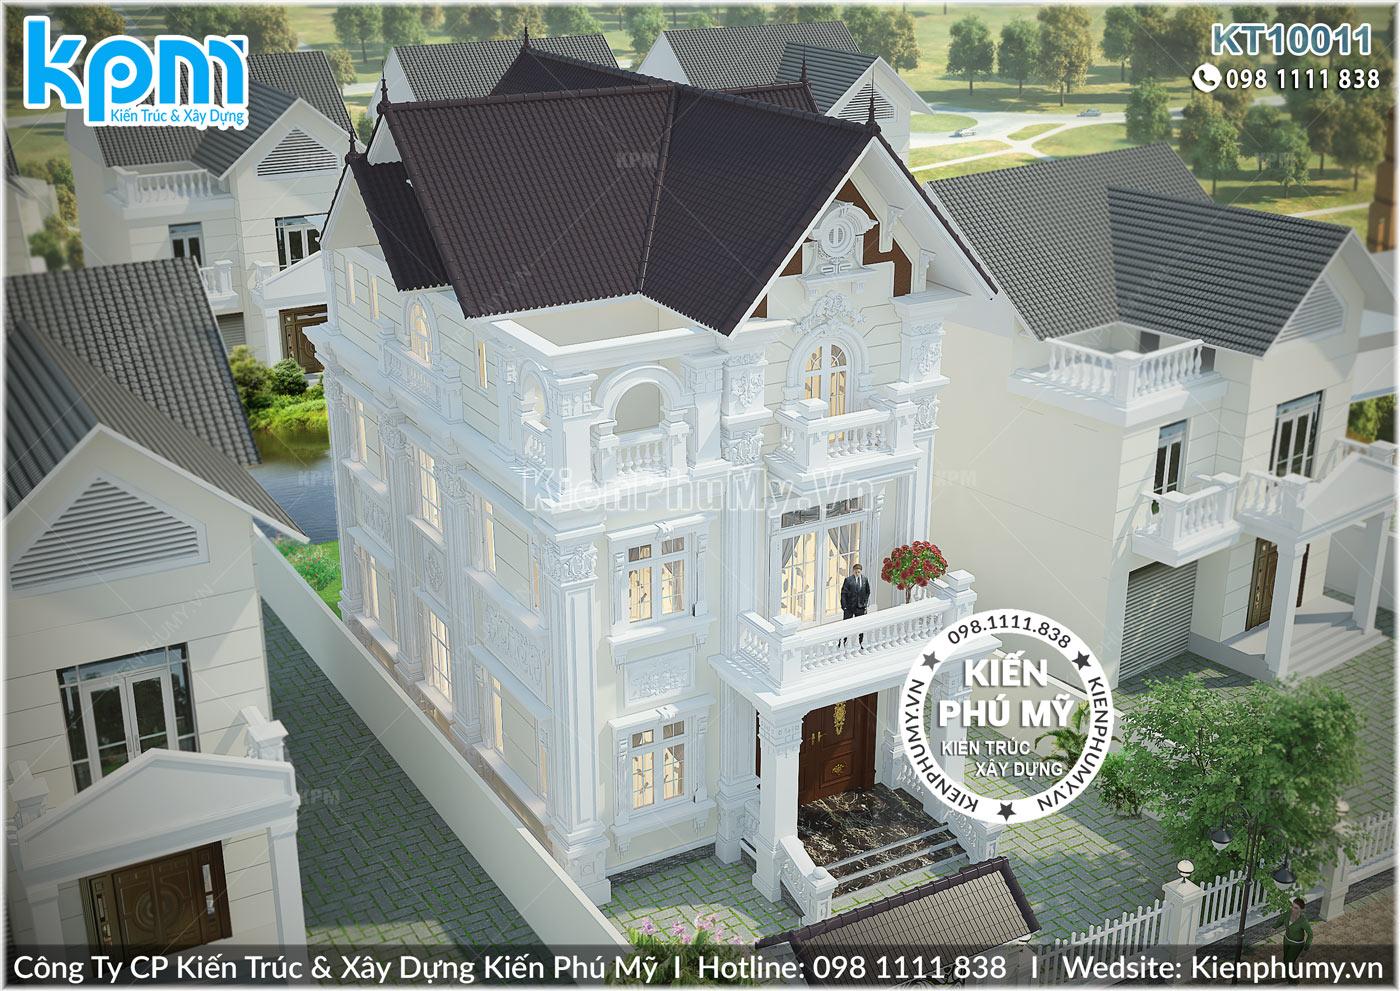 Mẫu thiết kế biệt thự 3 tầng đẹp kiến trúc tân cổ điển